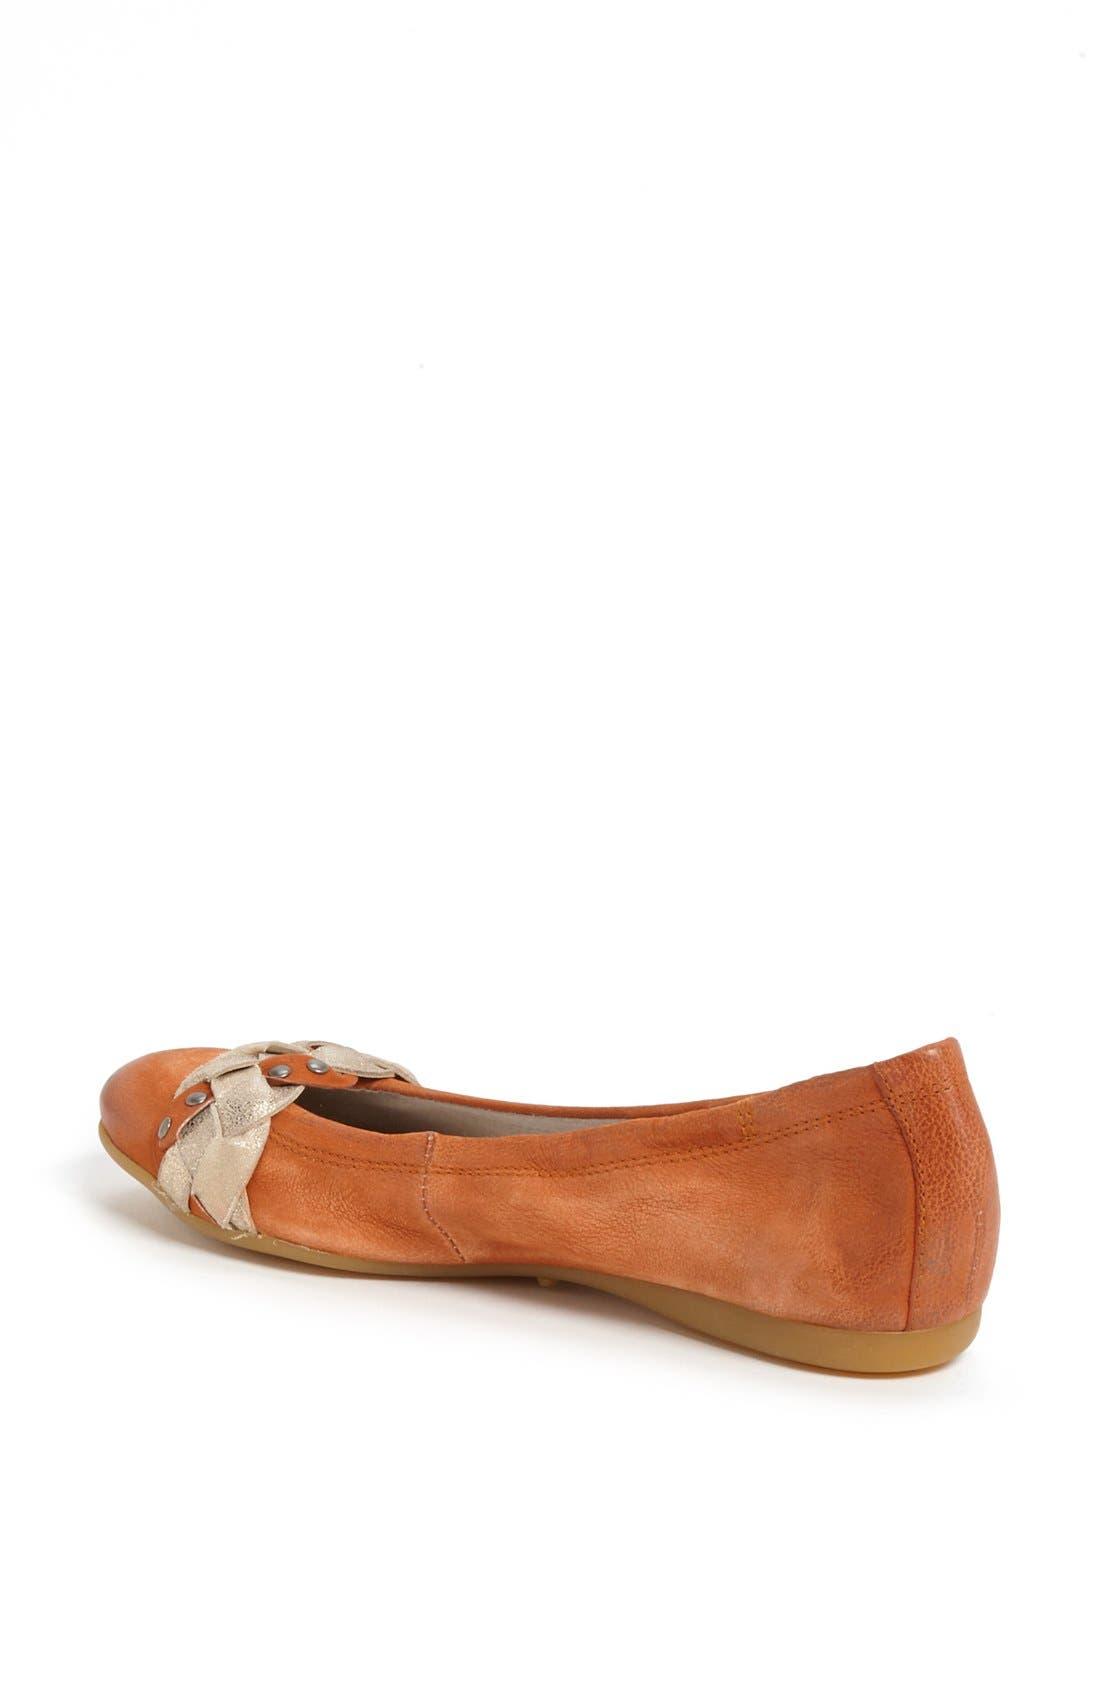 Alternate Image 2  - MJUS 'Coop' Leather Flat